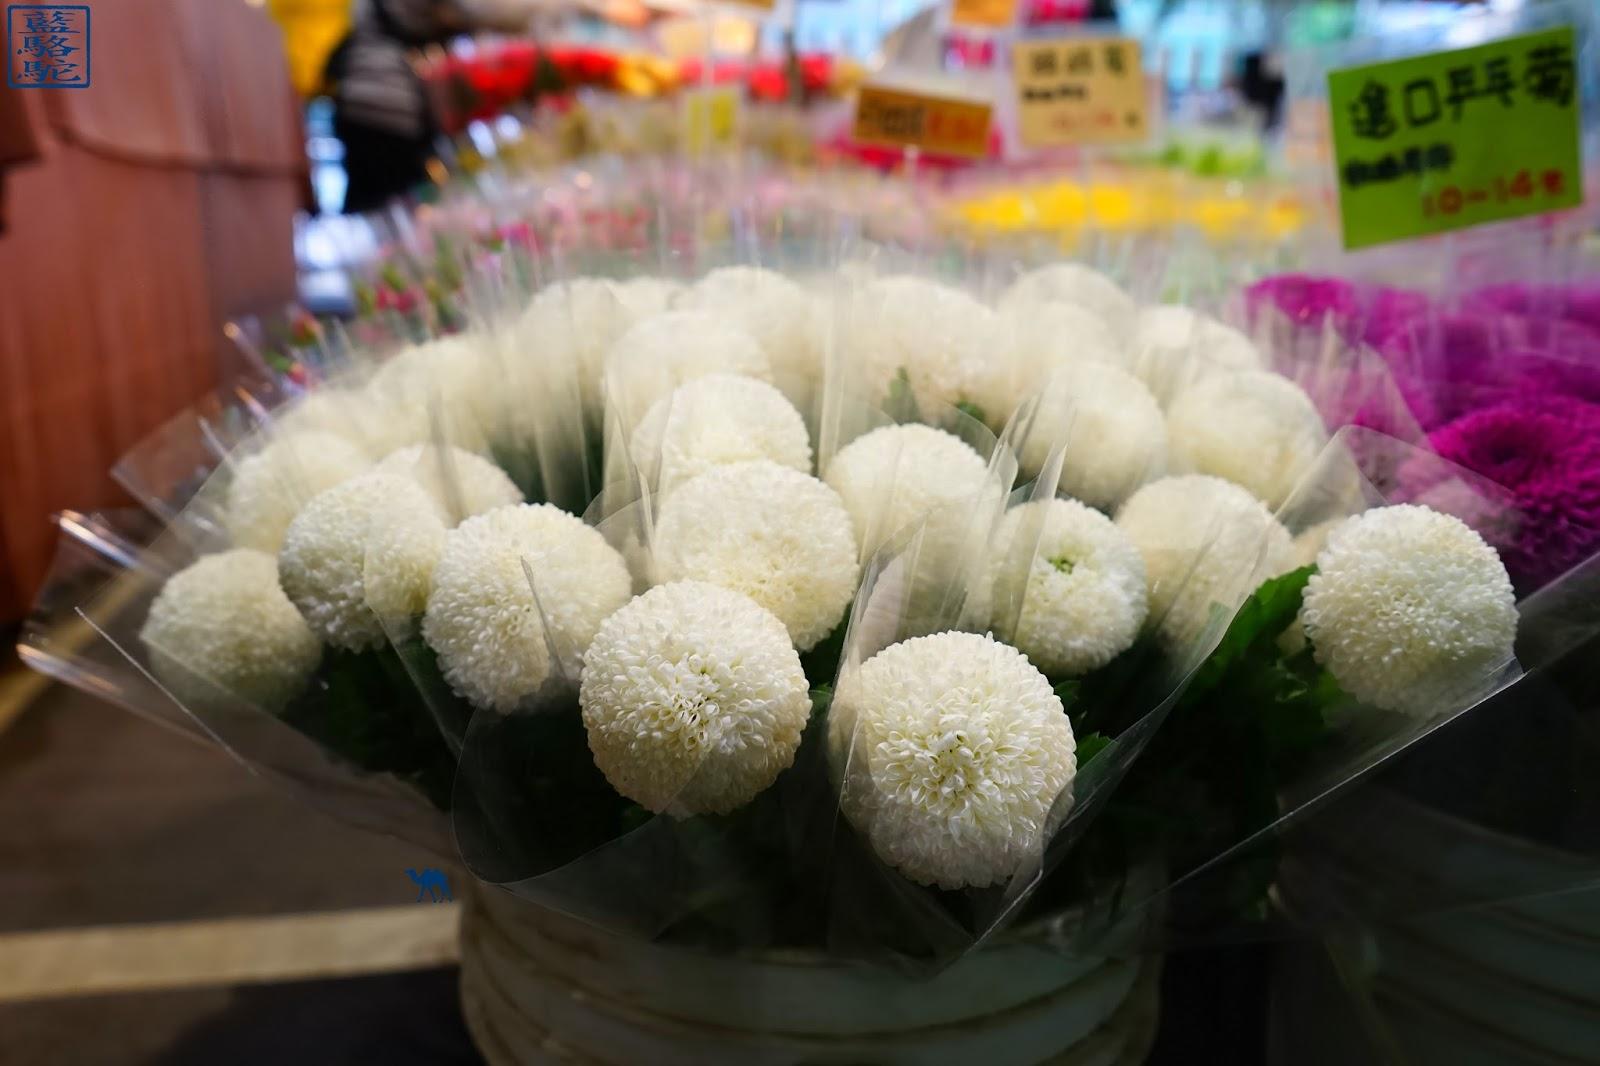 Le Chameau Bleu - Taipei - Taiwan - Marché aux fleurs - vacances taiwan